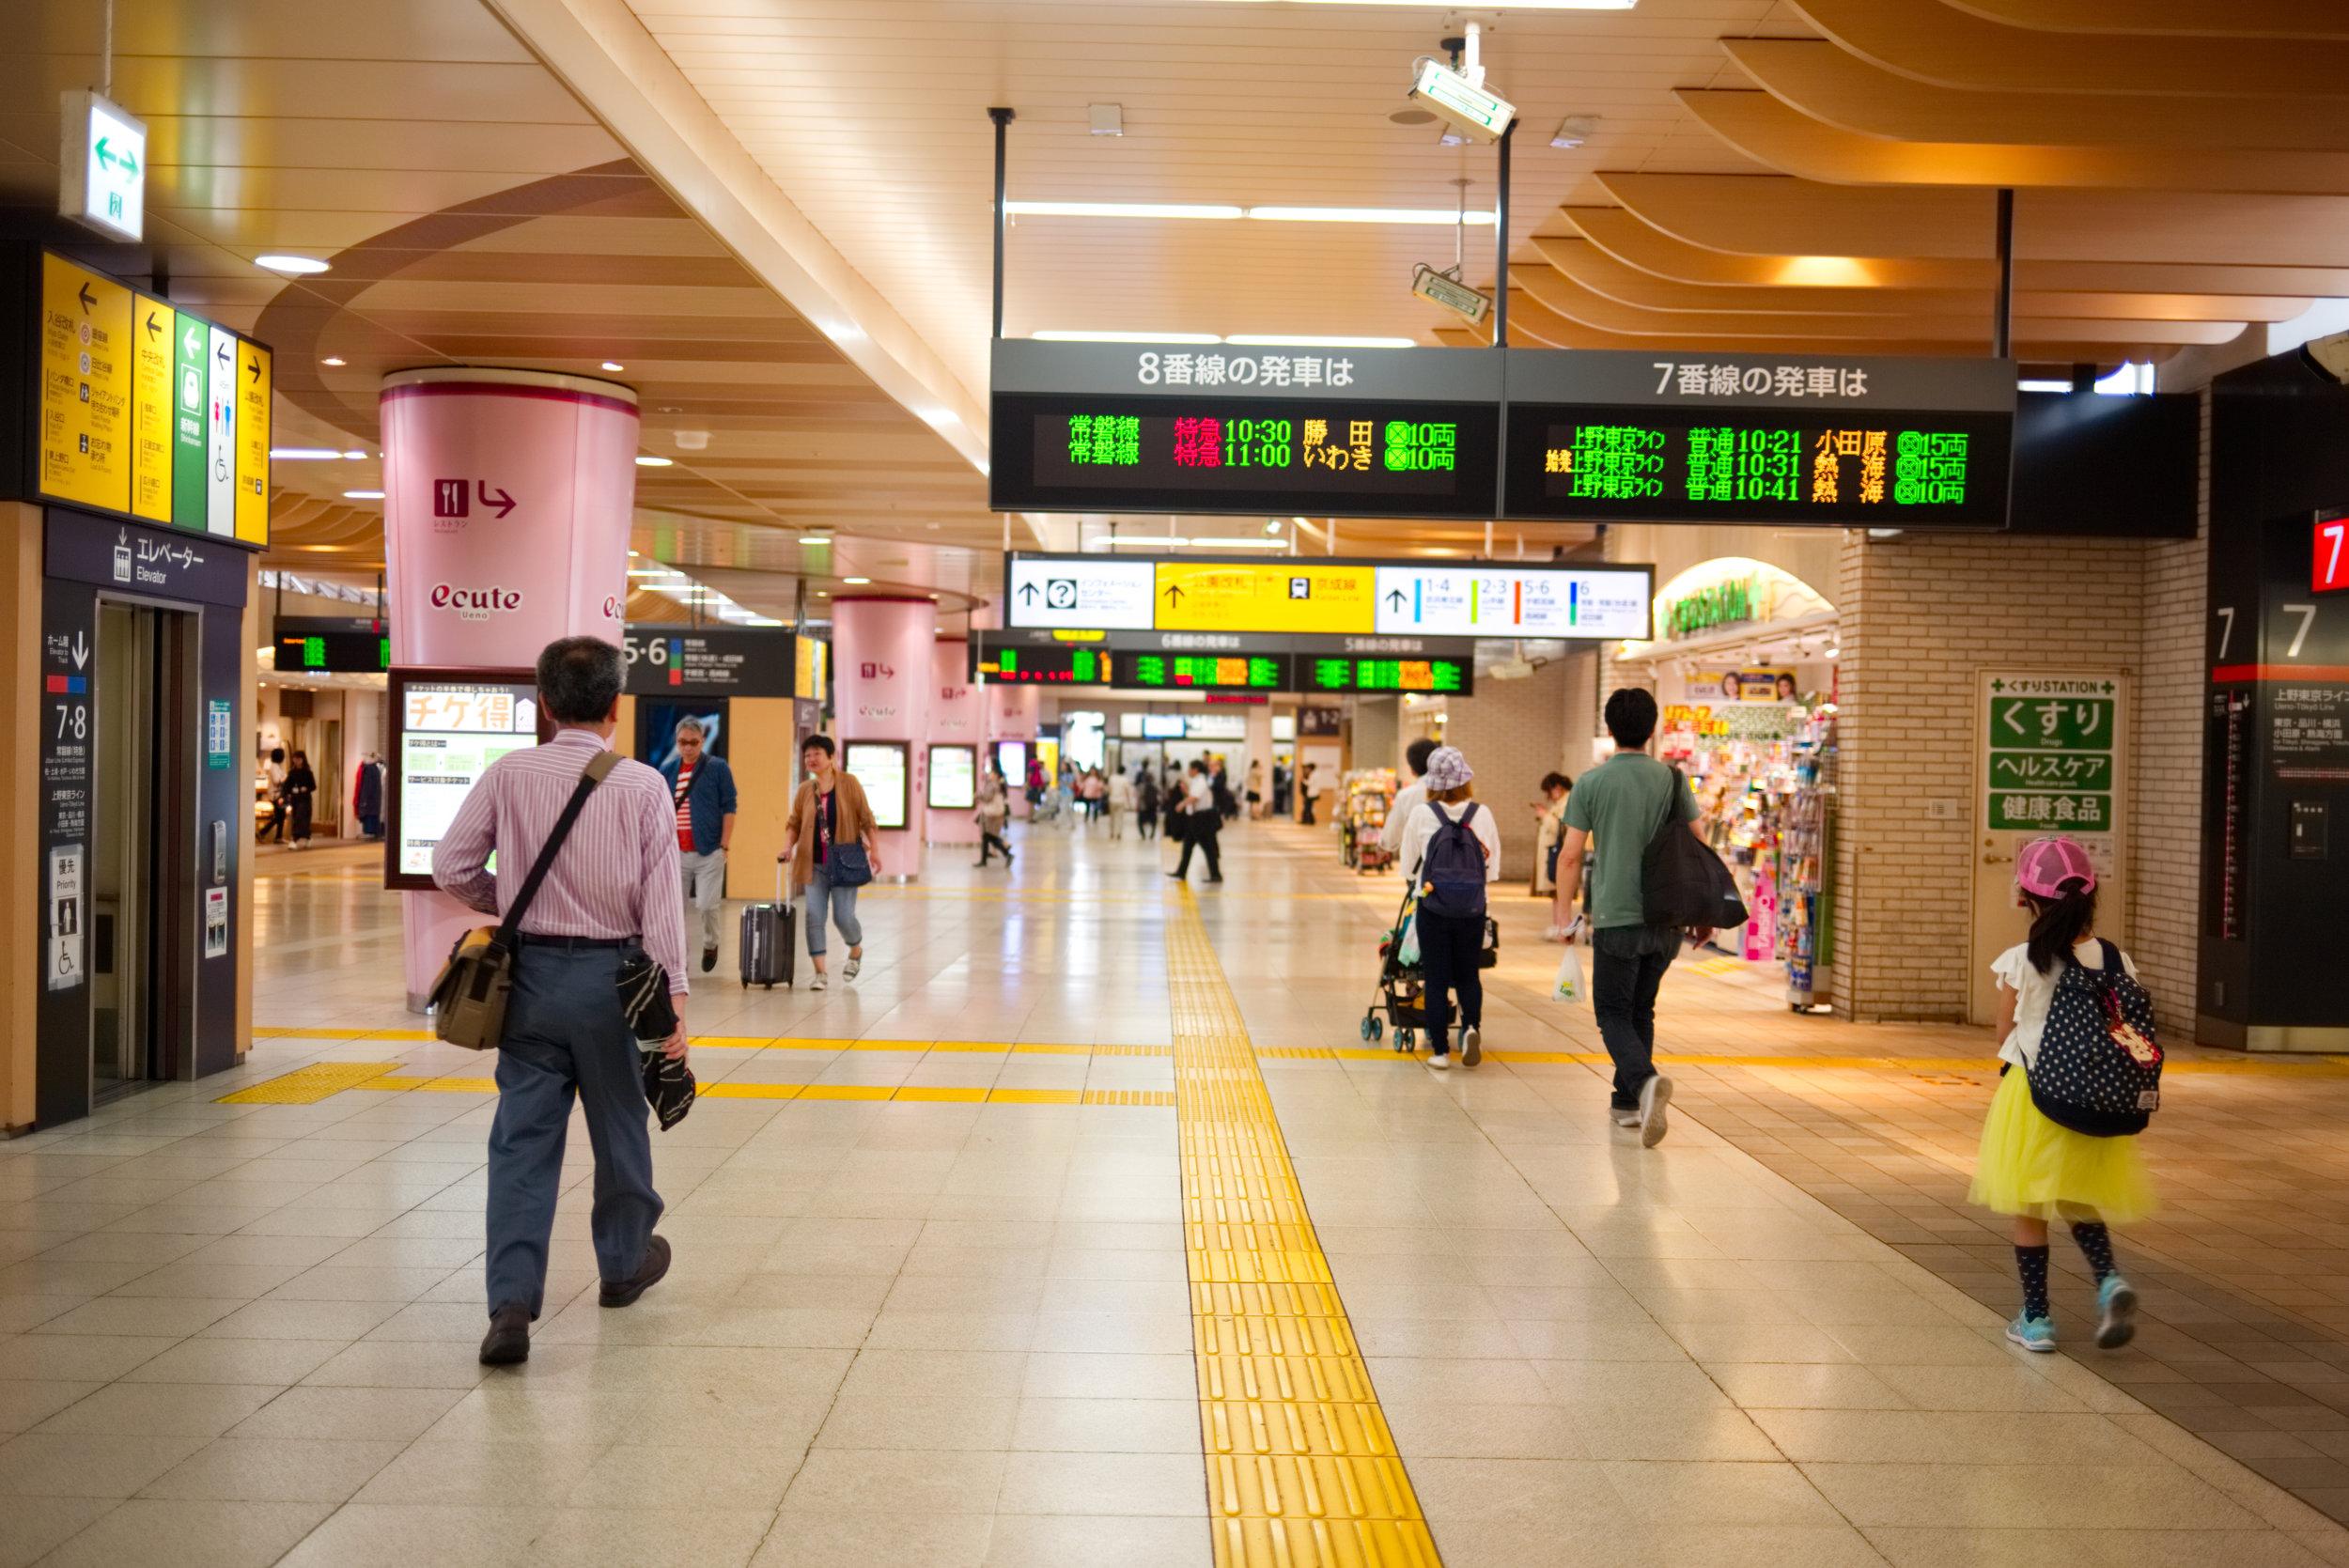 Tokyo subway station.